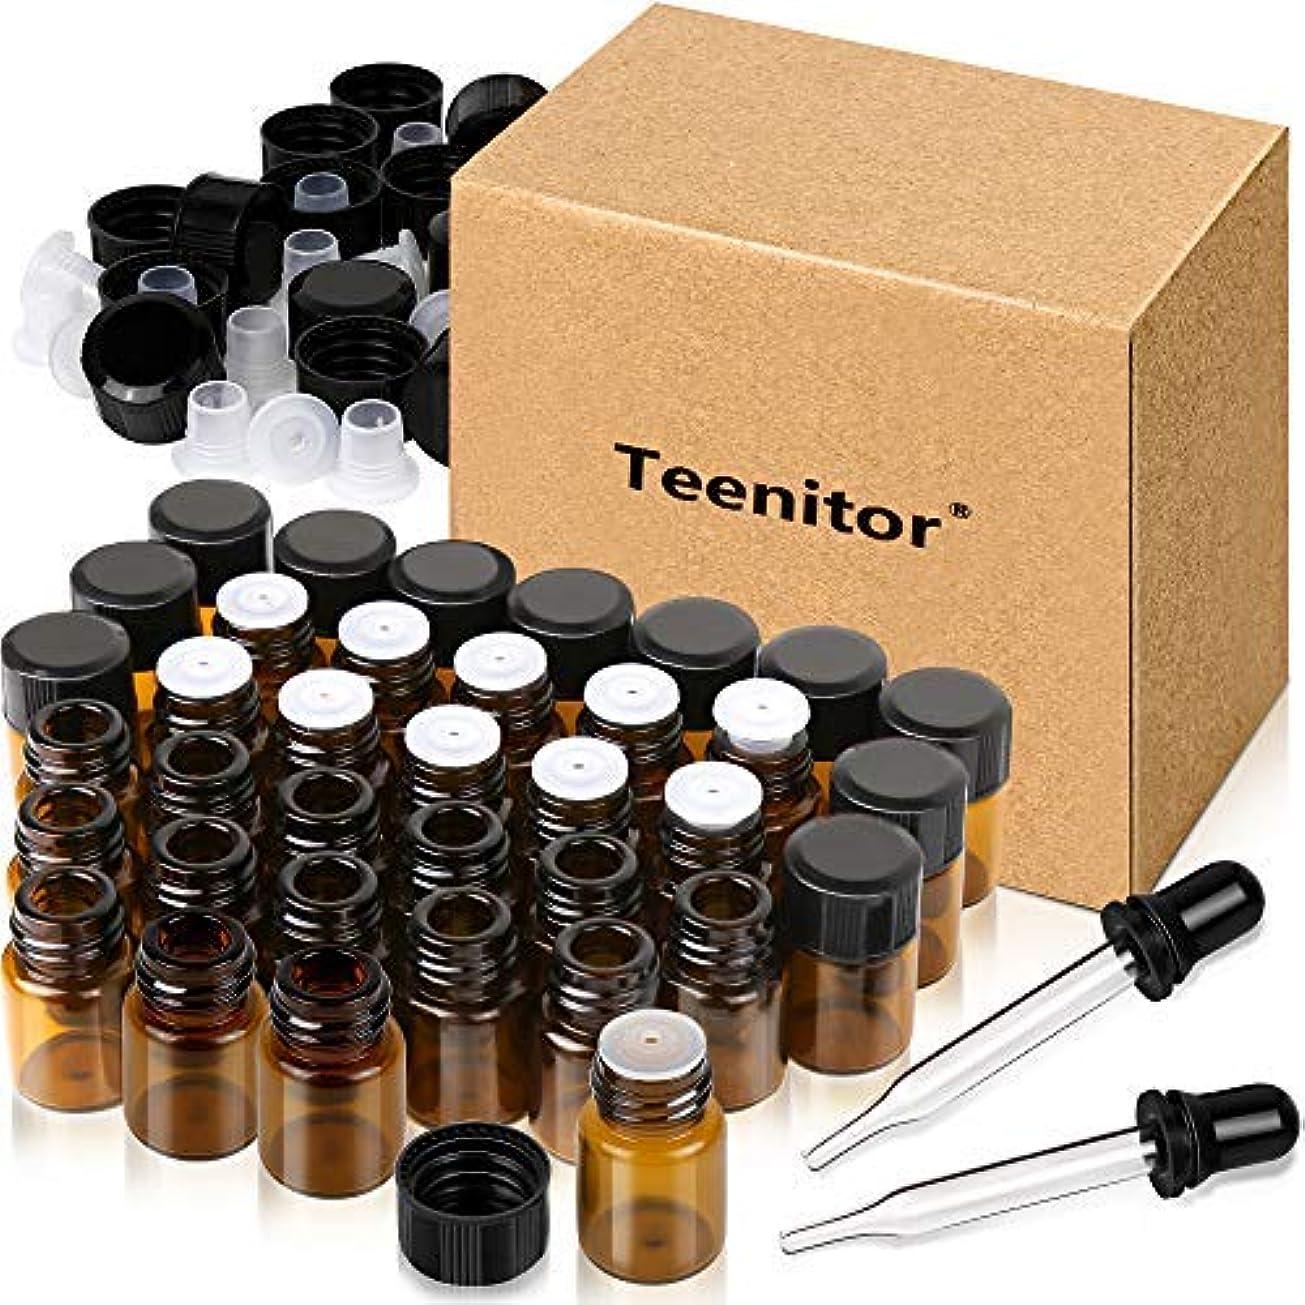 絡み合い出撃者レタスOil Bottles for Essential Oils, Teenitor 36 Pcs 2 ml (5/8 Dram) Amber Glass Vials Bottles, with Orifice Reducers and Black Caps, with 2 Free Glass Transfer Eye Droppers [USA Seller] Shipping by FBA [並行輸入品]